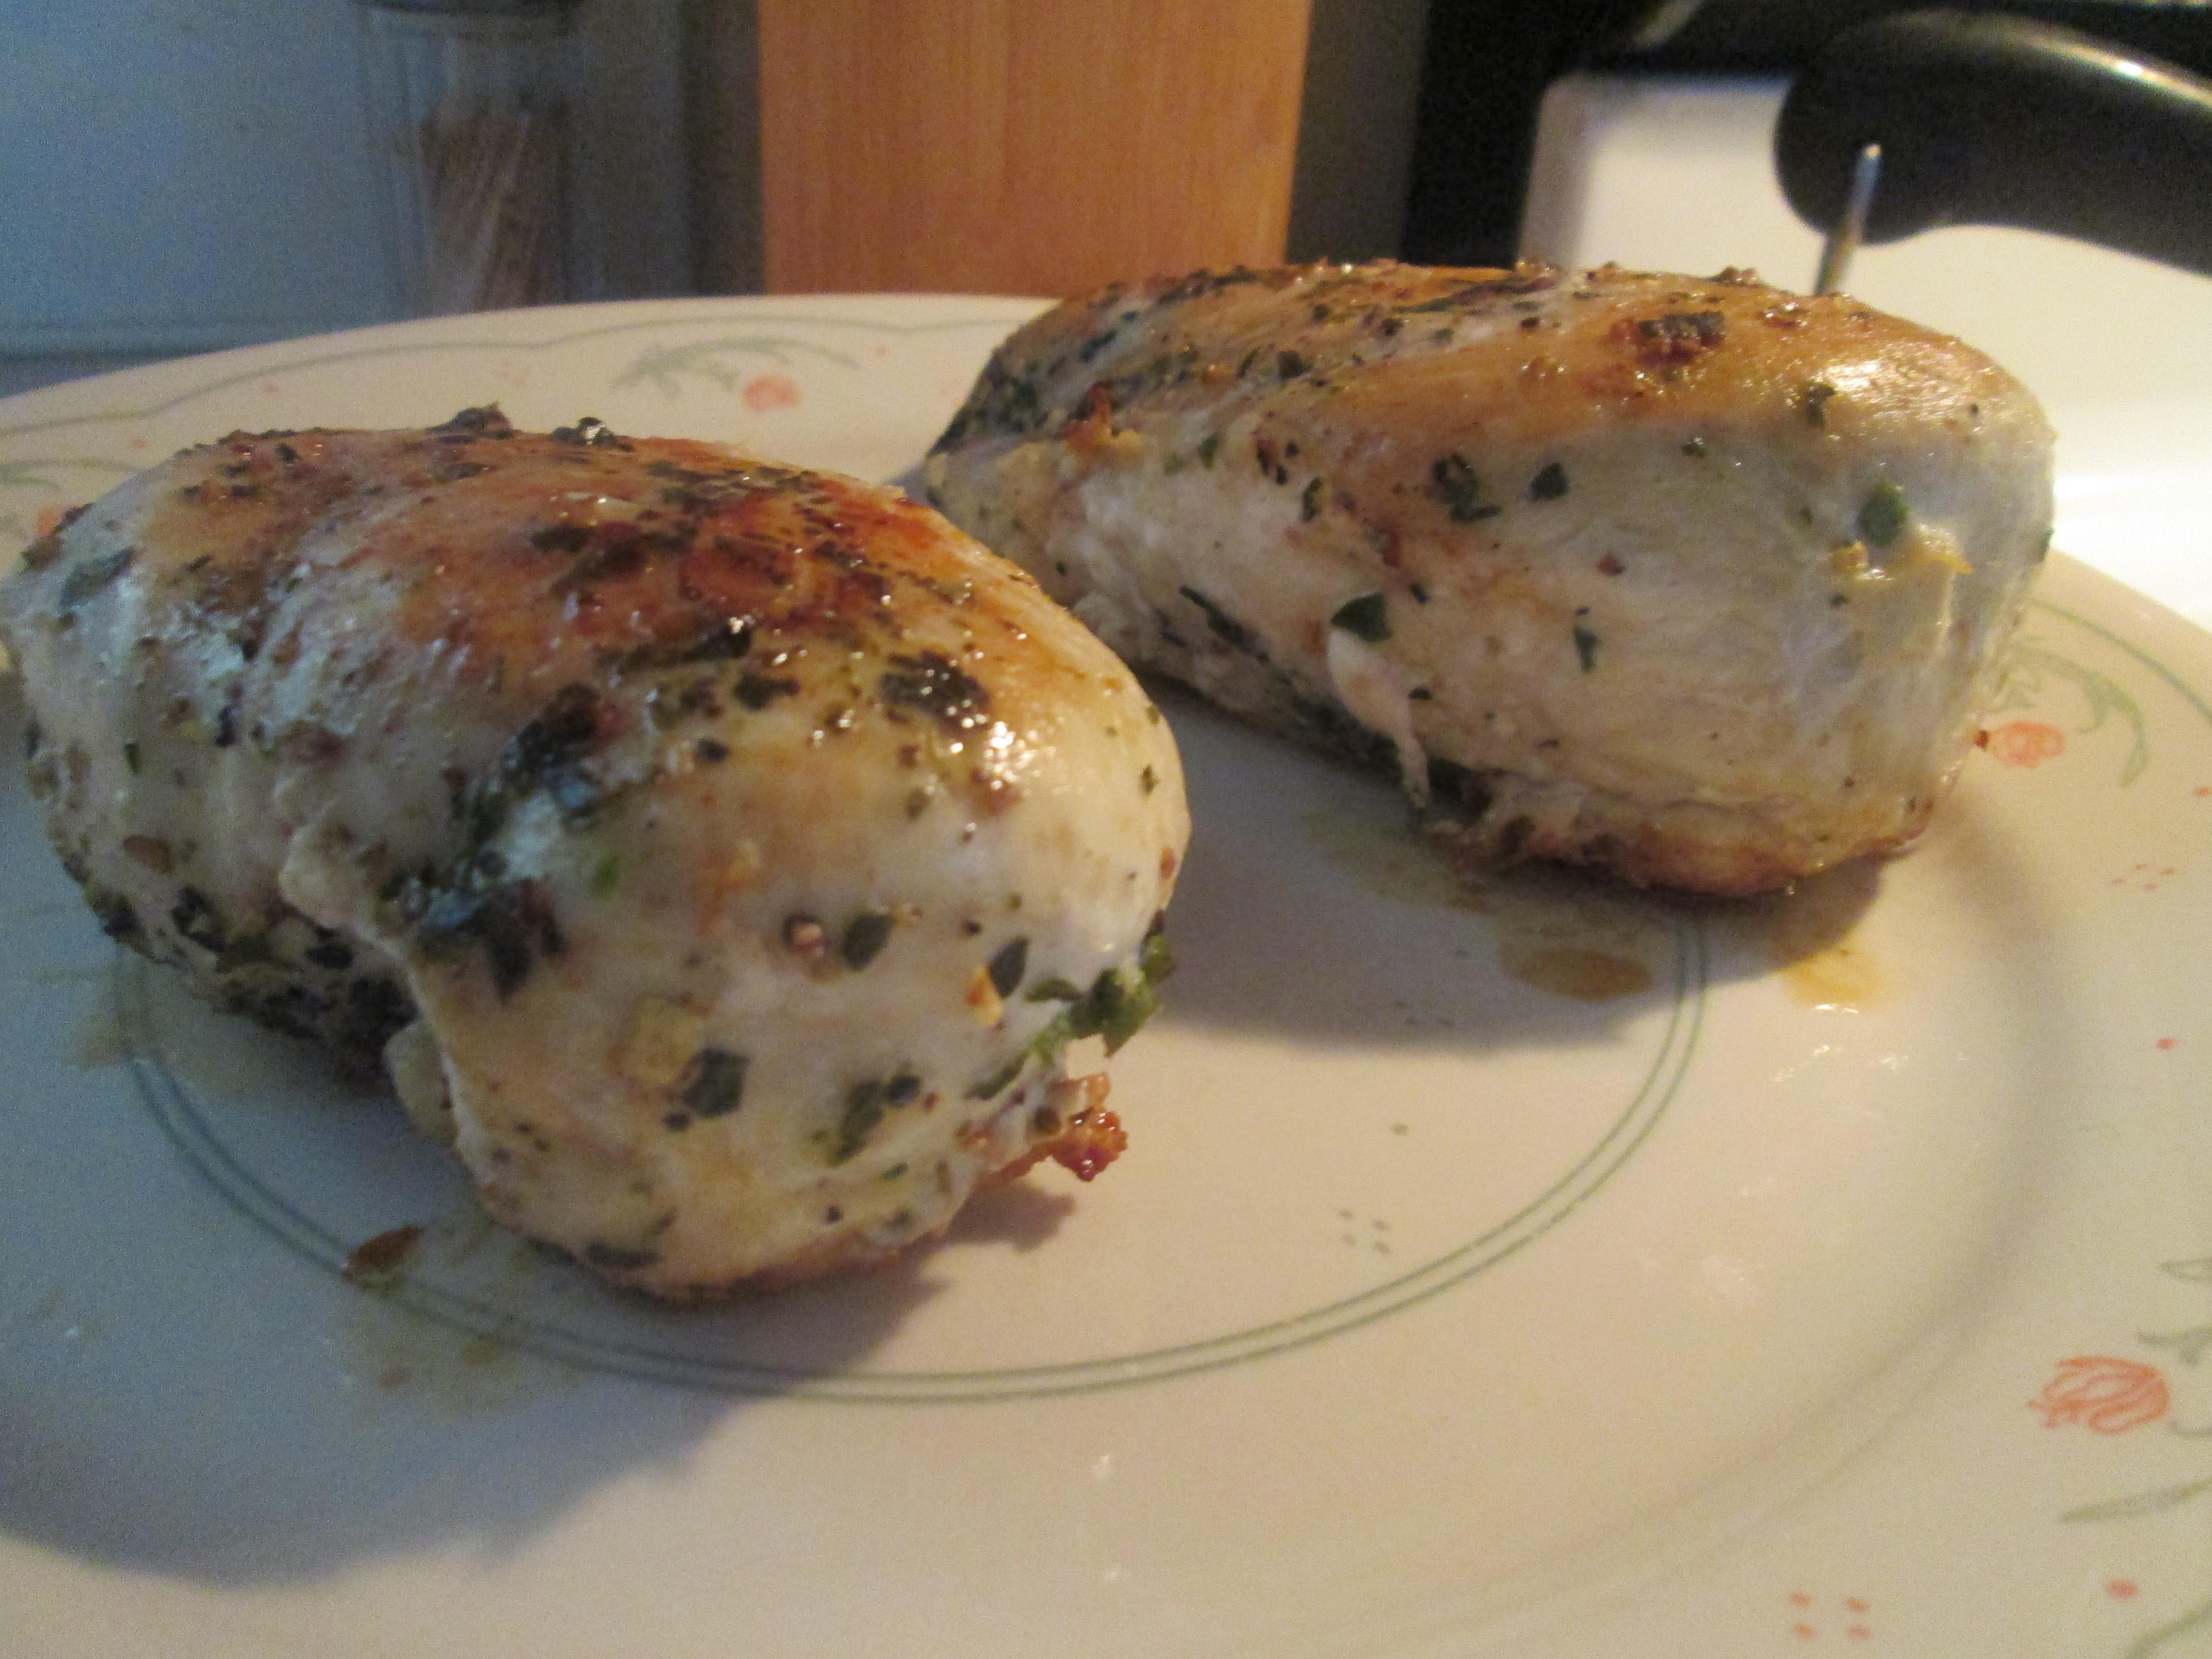 Roasted Boneless Chicken Breast  Pan Seared Oven Roasted Skinless Boneless Chicken Breast w